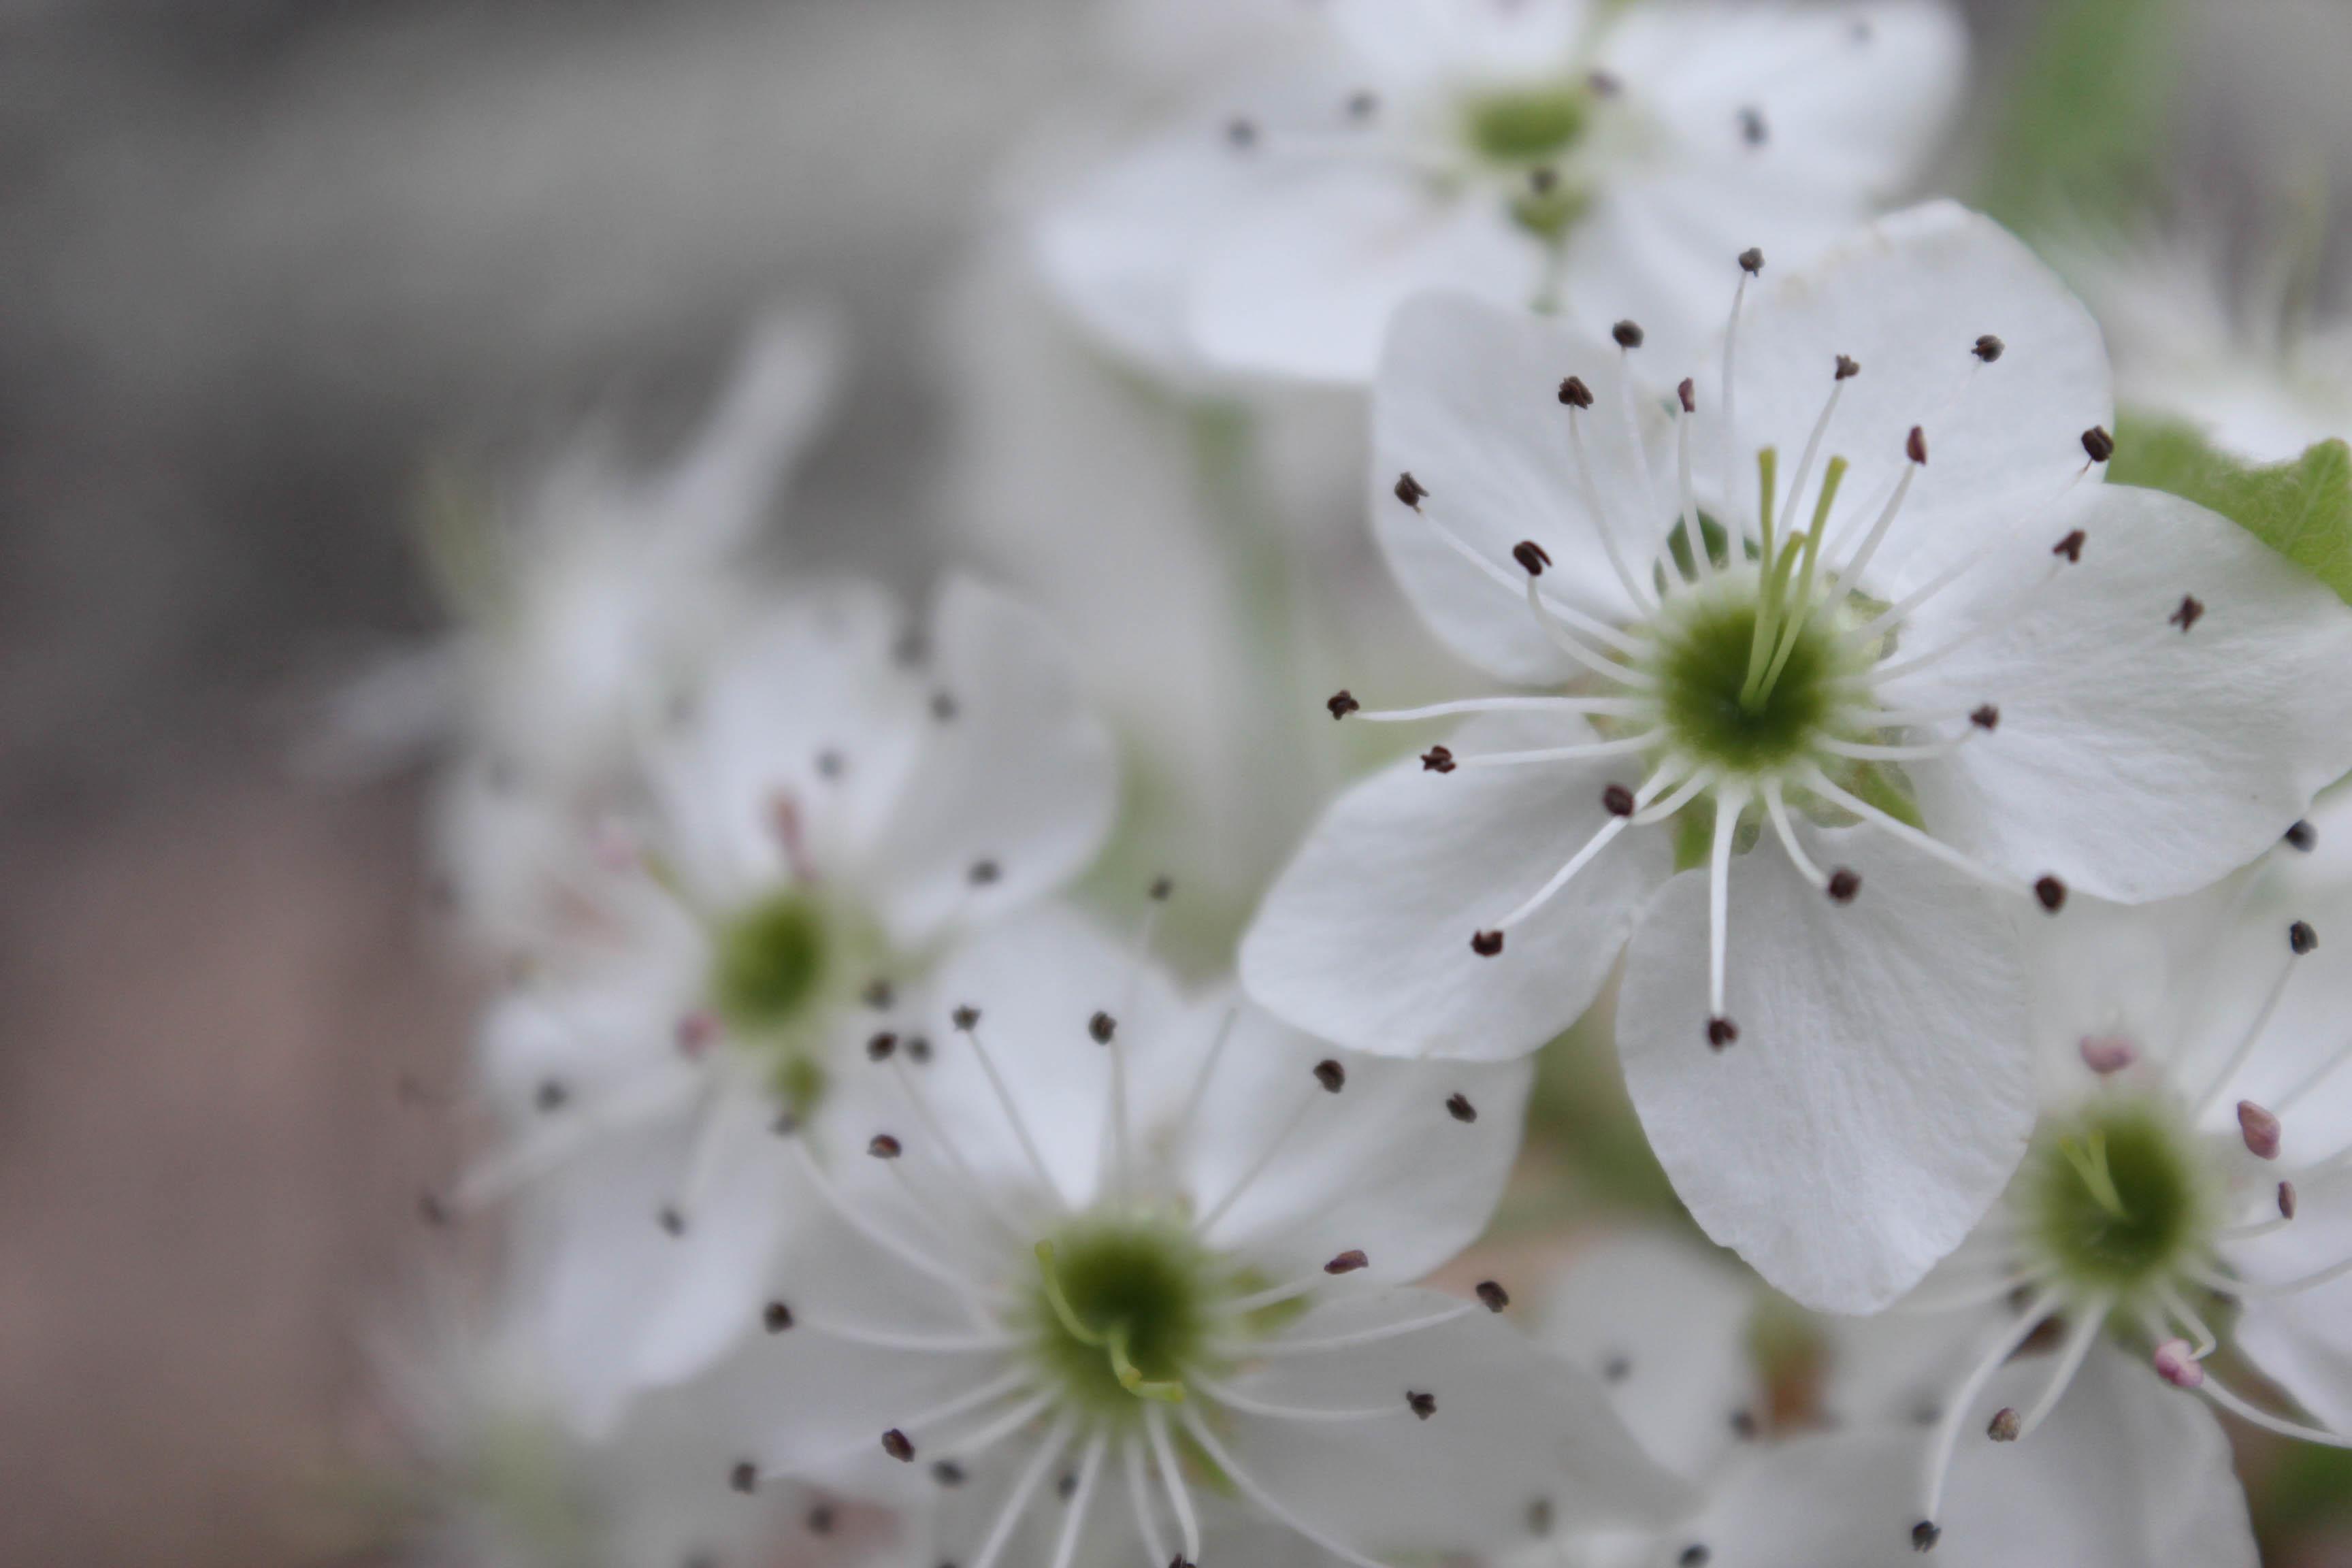 Flowers Botany For Design